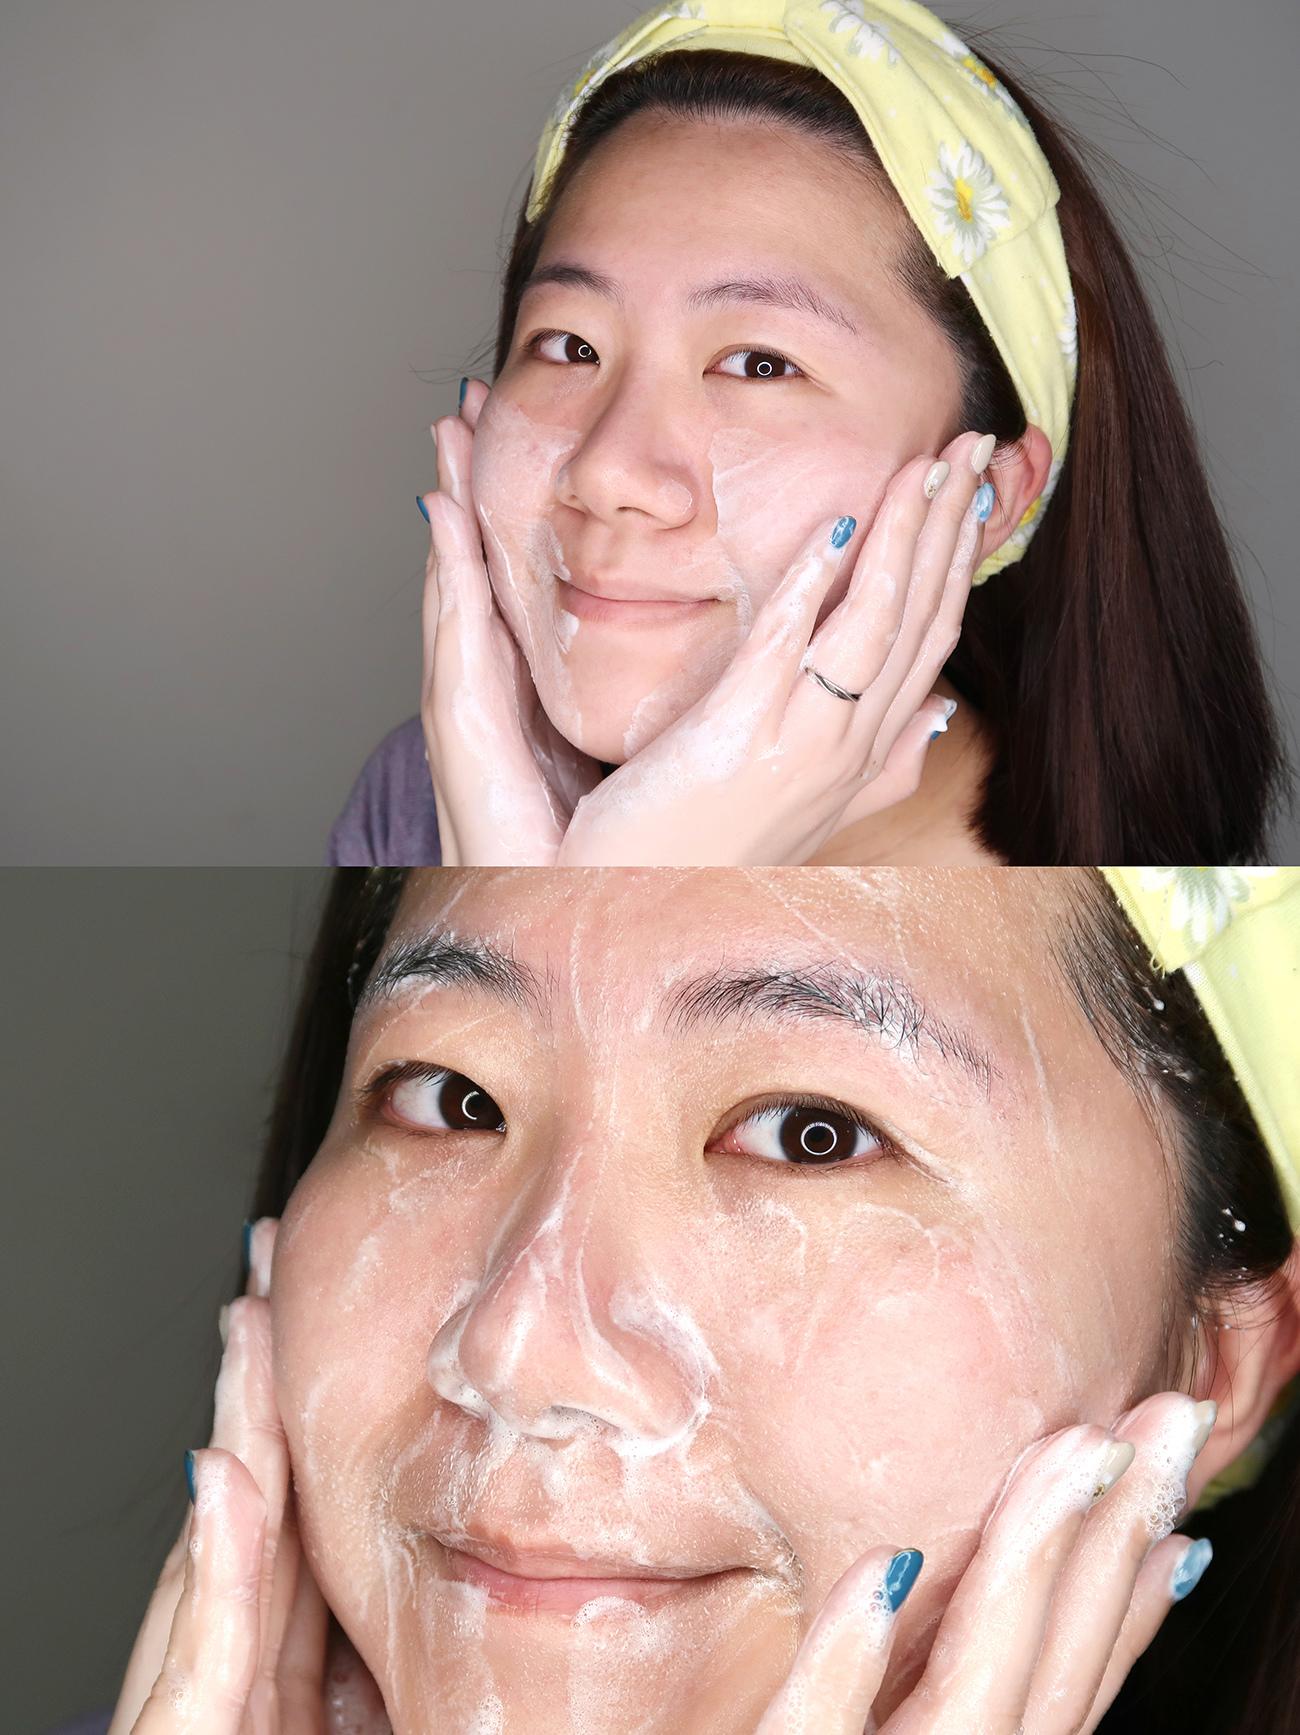 韓國nokdu發酵綠豆系列 保濕深層潔面乳 氧氣微米泡泡面膜 使用心得 (7).JPG